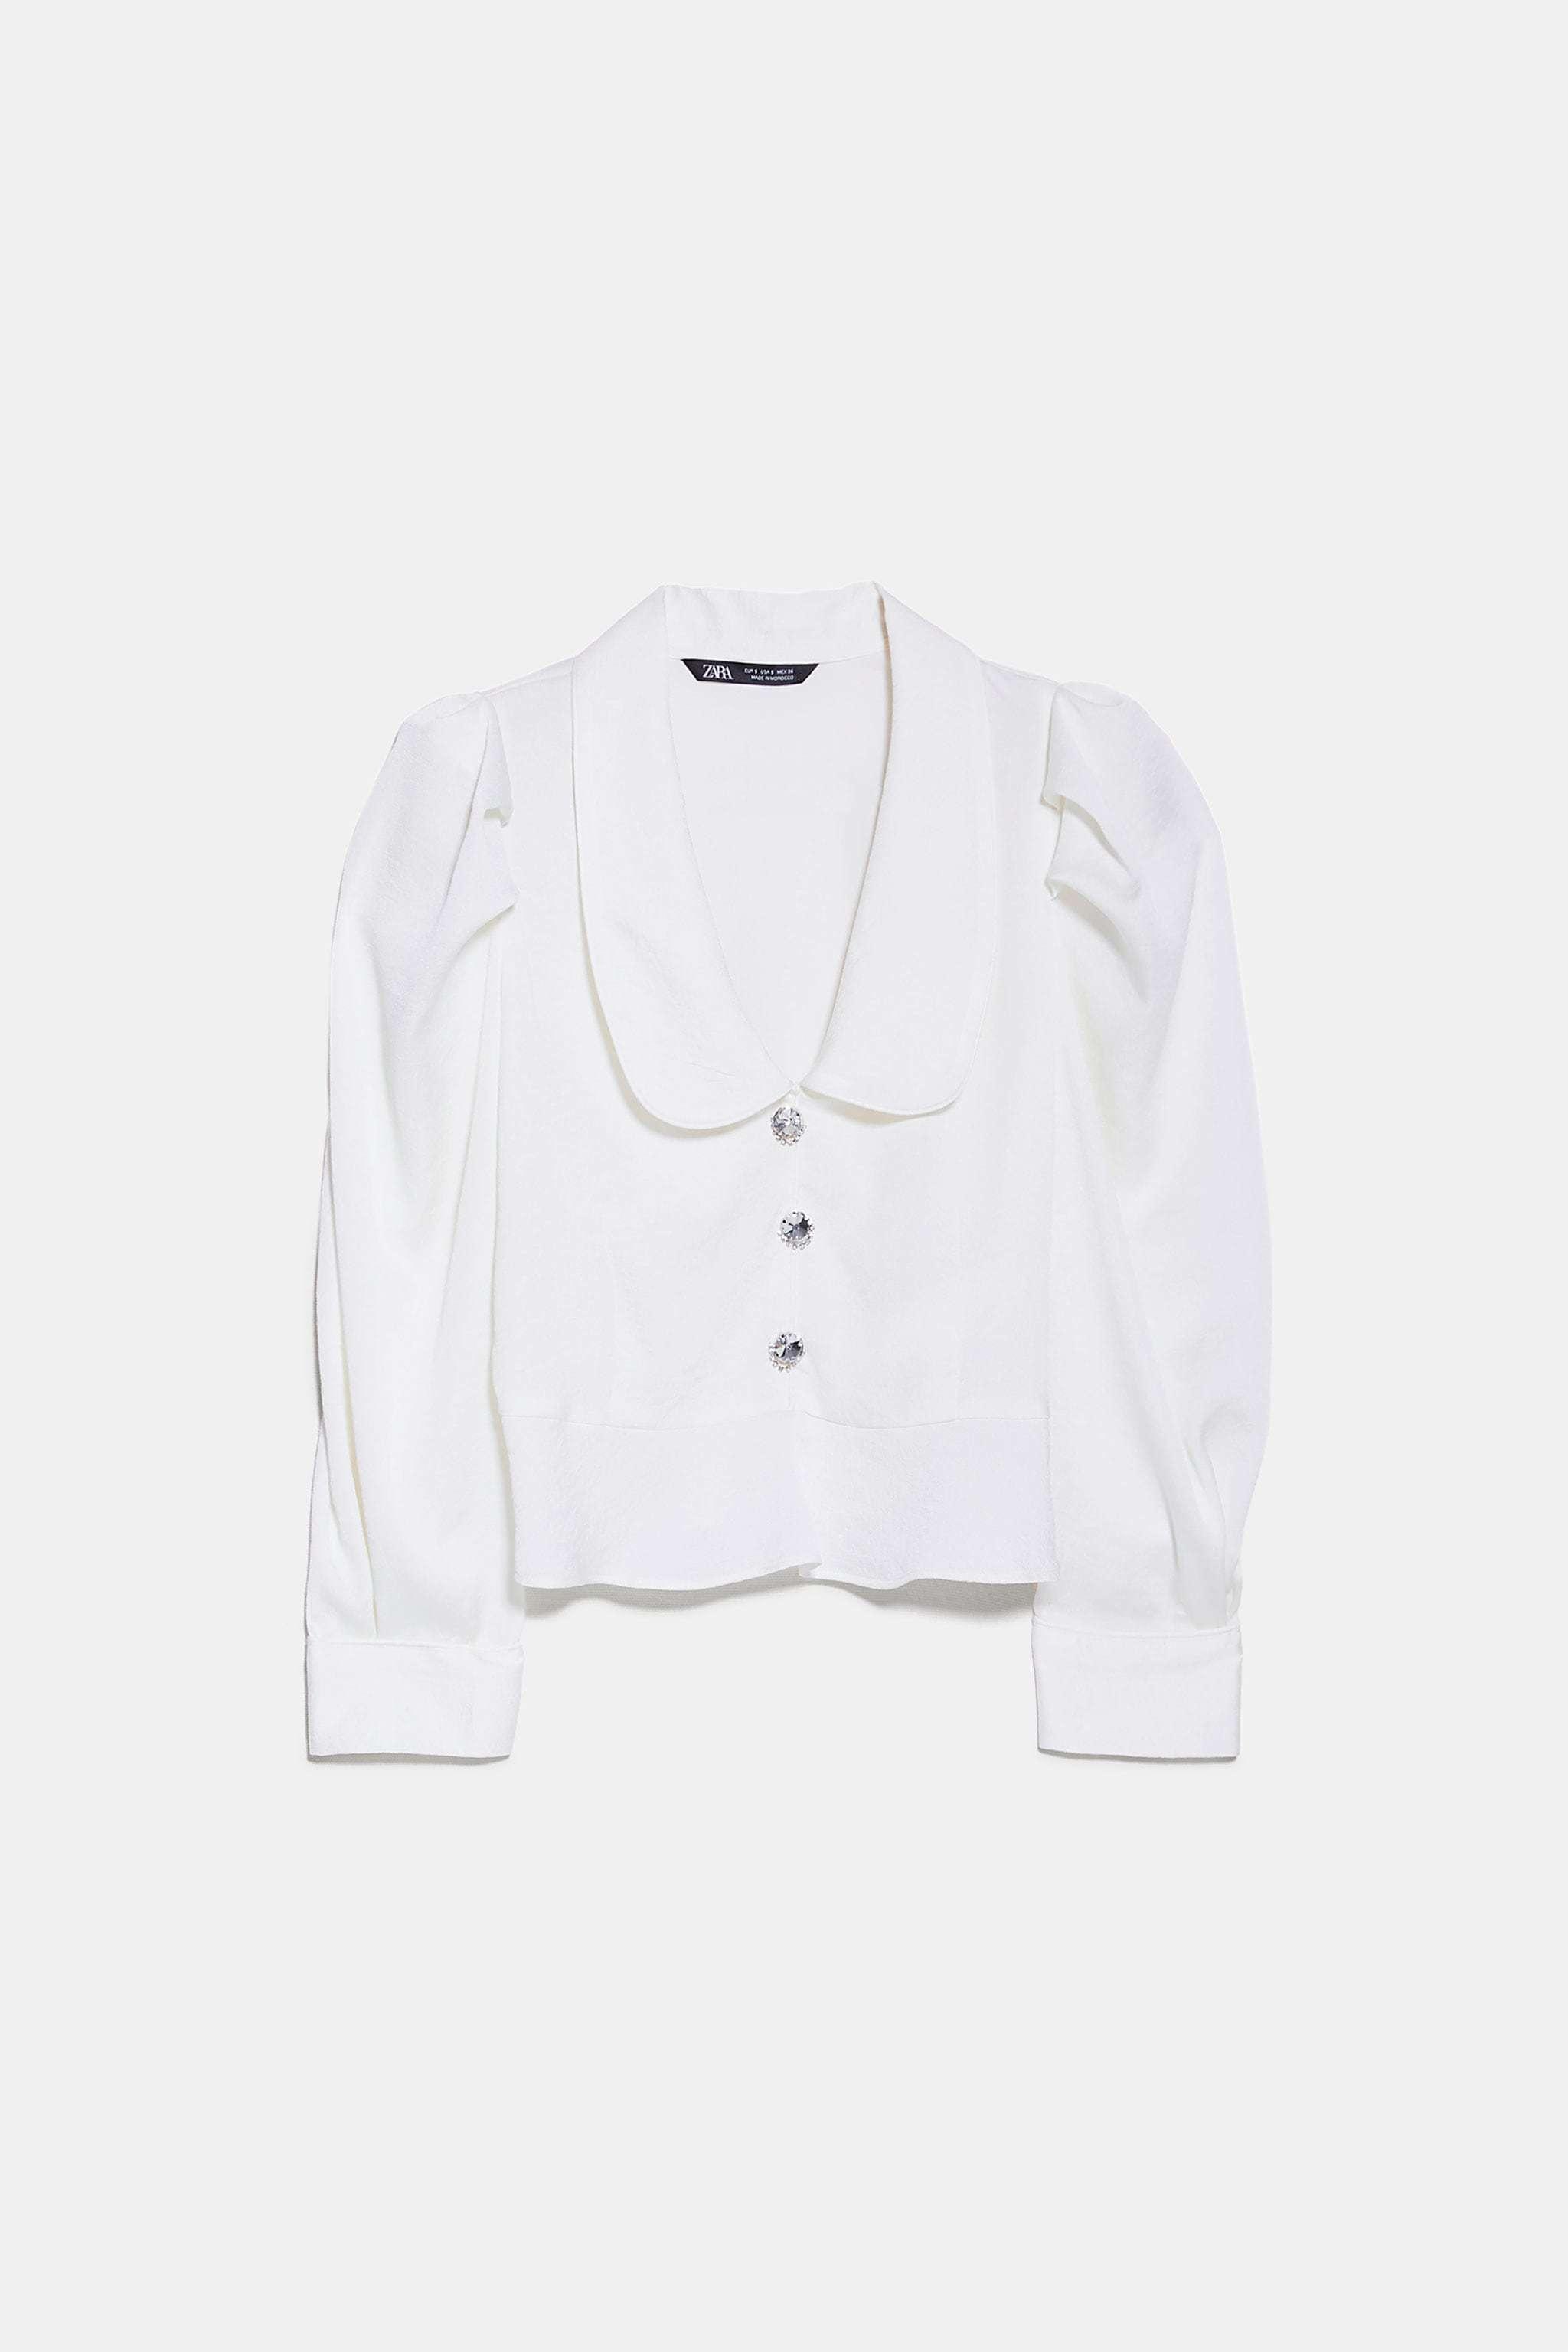 Blusa de Zara (25,95 euros).